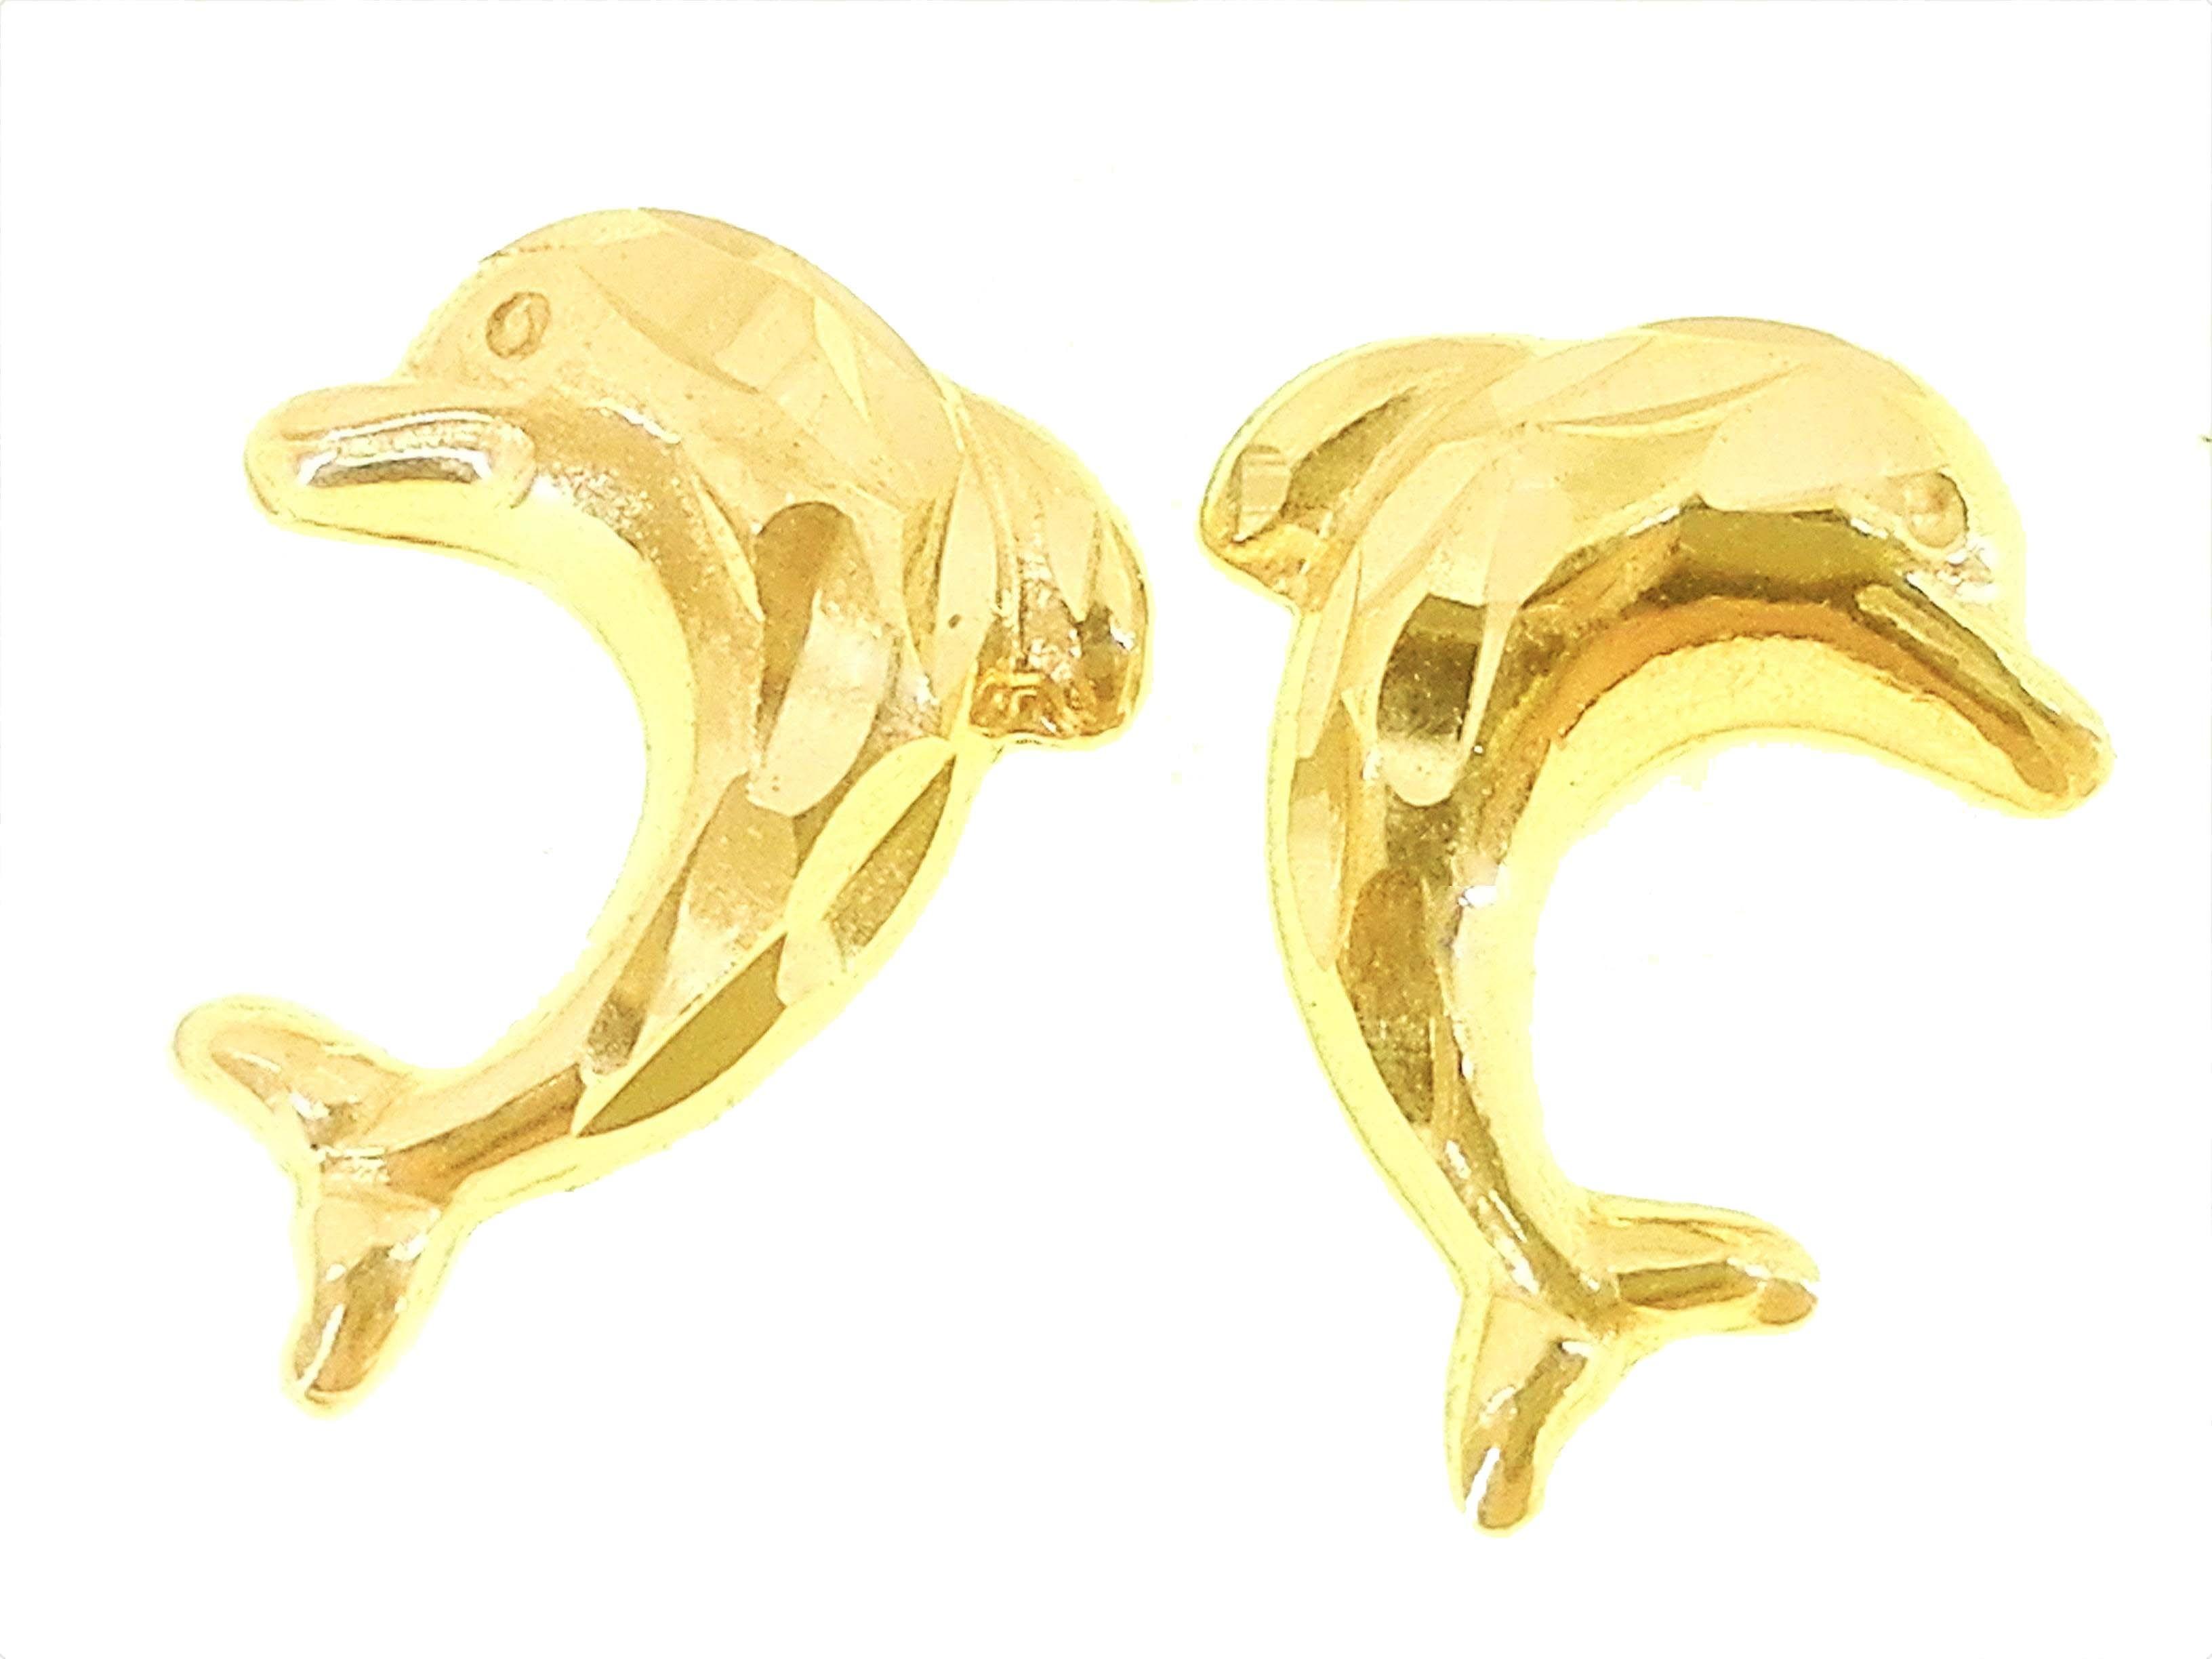 Orecchini Donna Bimba Bambina Oro Giallo 18 kt Carati Ct 750 1,05 Gr Delfini  - Gioielleria Arte Oro